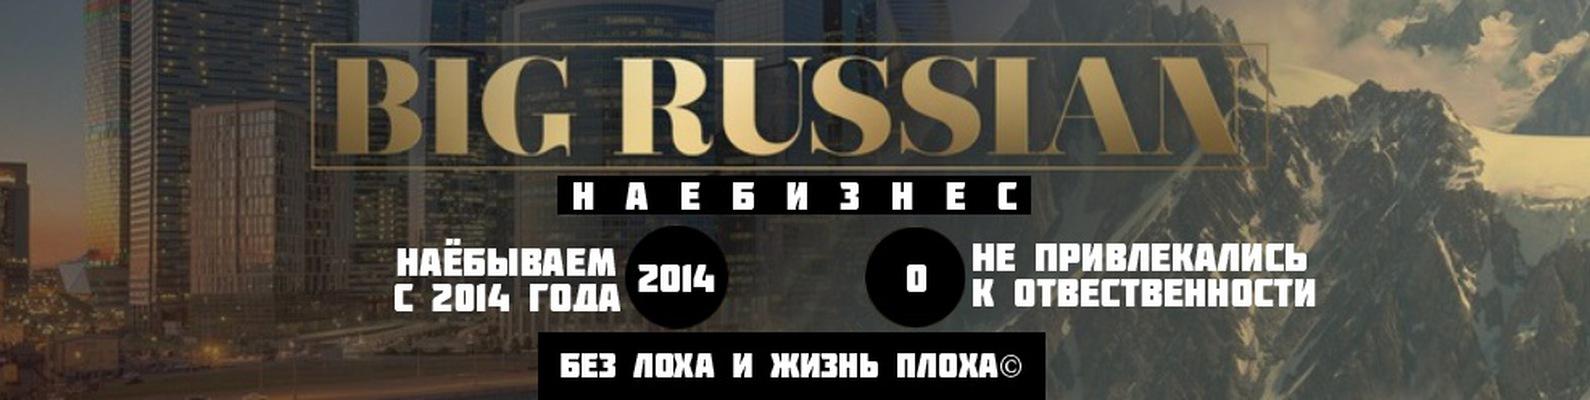 Myscore заблокирован в россии смотреть